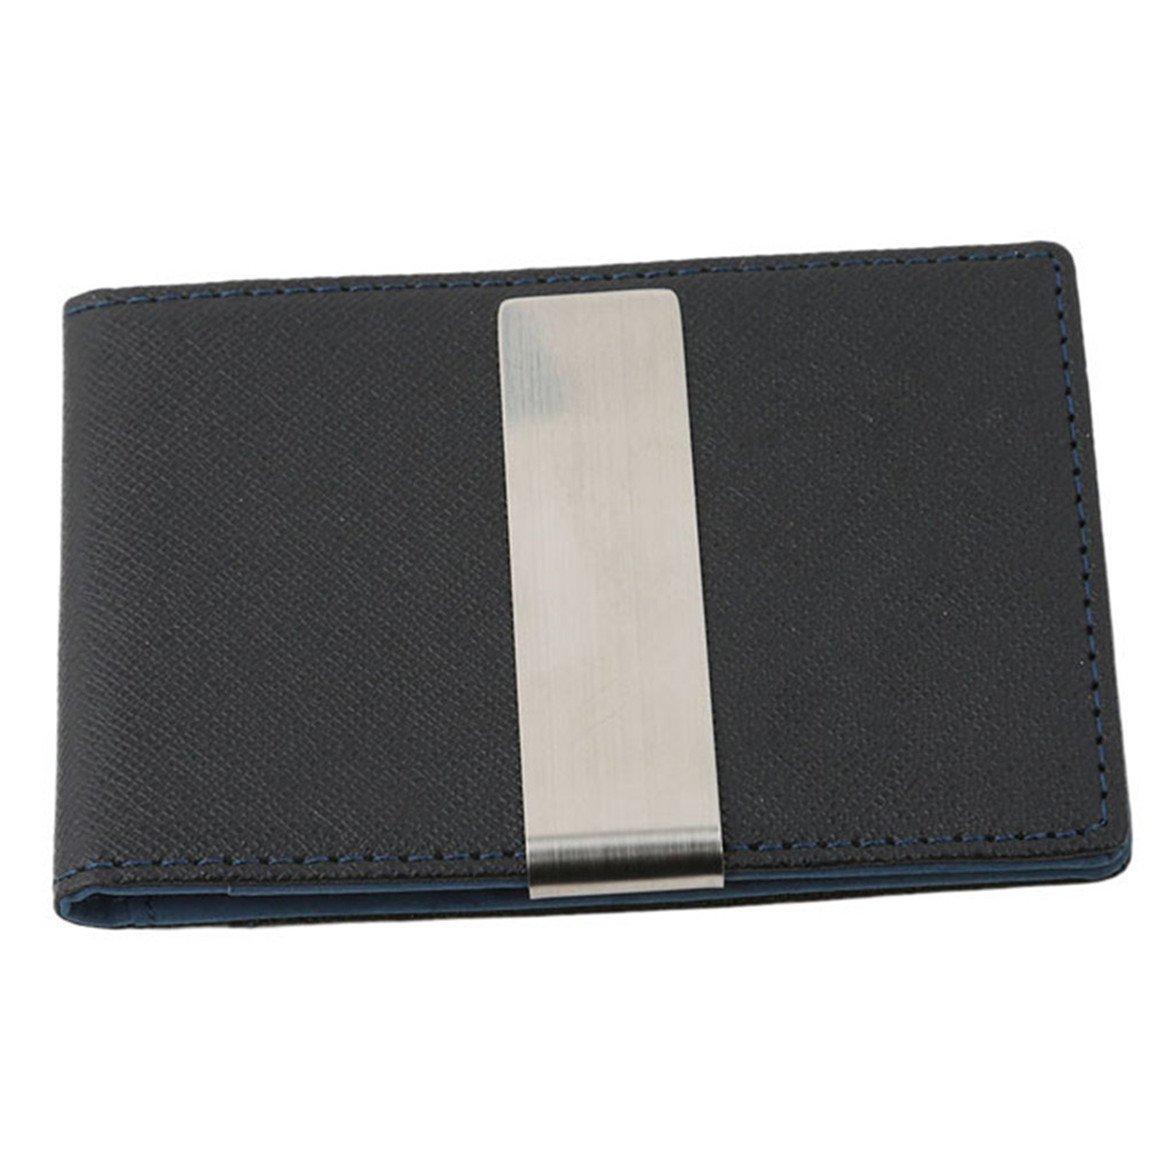 ODN PU Kreditkartenetui, Mini Portemonnaie mit Geldklammer fü r Herren, Kartenetui mit Geldclip Geldbö rse (Blau)